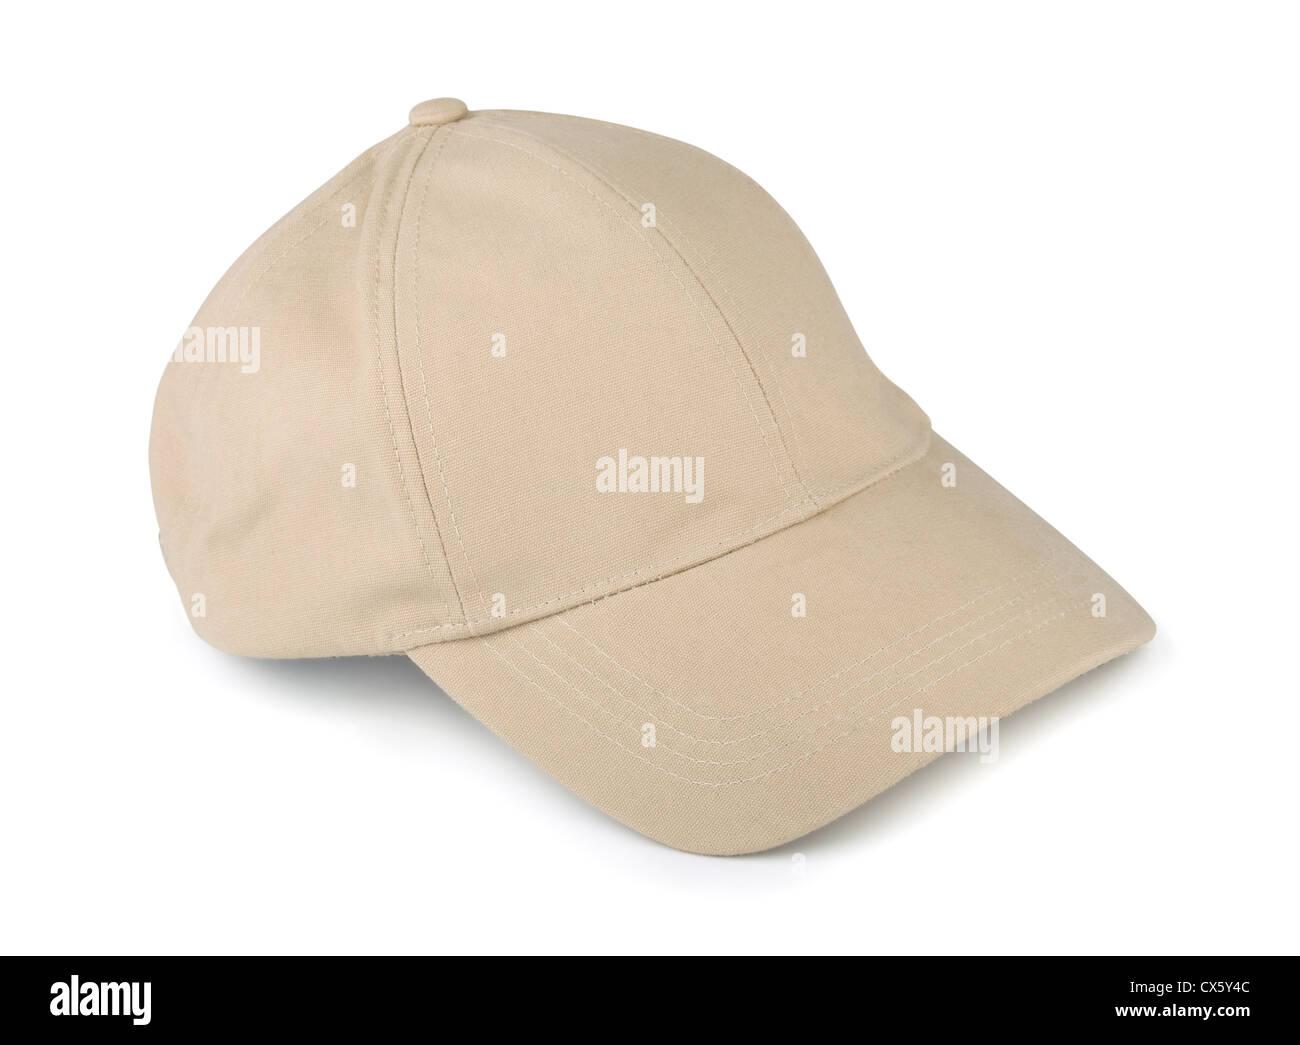 Linen baseball cap isolated on white - Stock Image